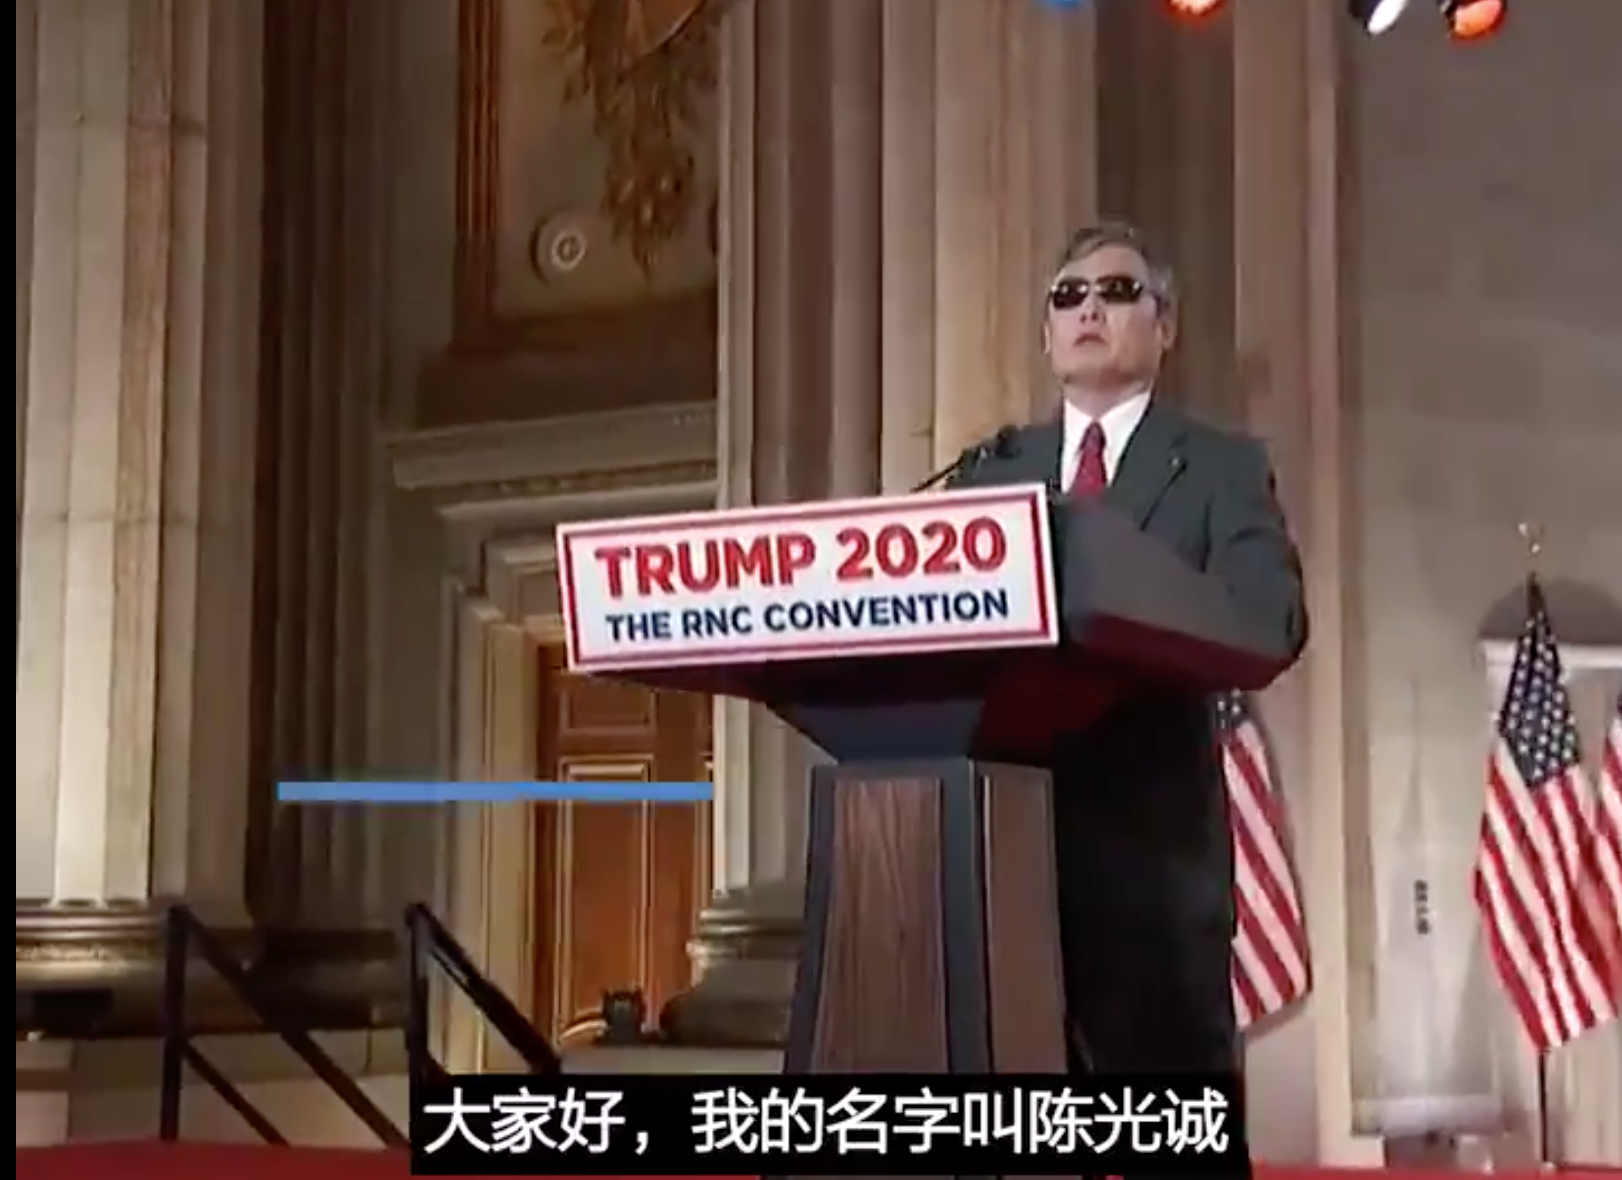 陳光誠談RNC大會演講:綏靖政策一去不復返